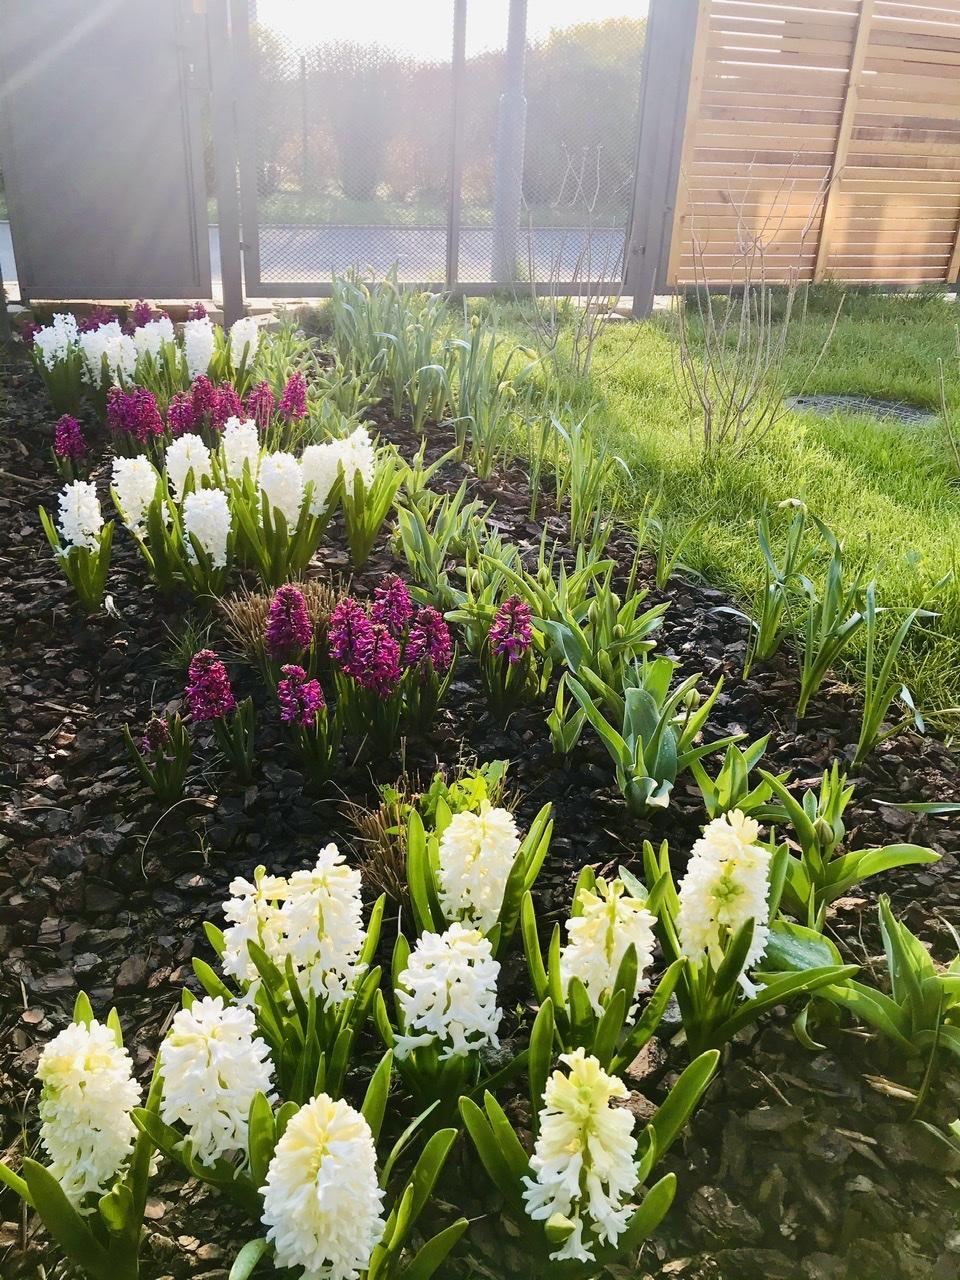 Naše L-ko - 2021 - stále dokončujeme - Záhon s jarnými kvietkami v predzahrádke - naplno kvitnú hyacinty, a chystajú sa v pukoch  tulipány a narcisy